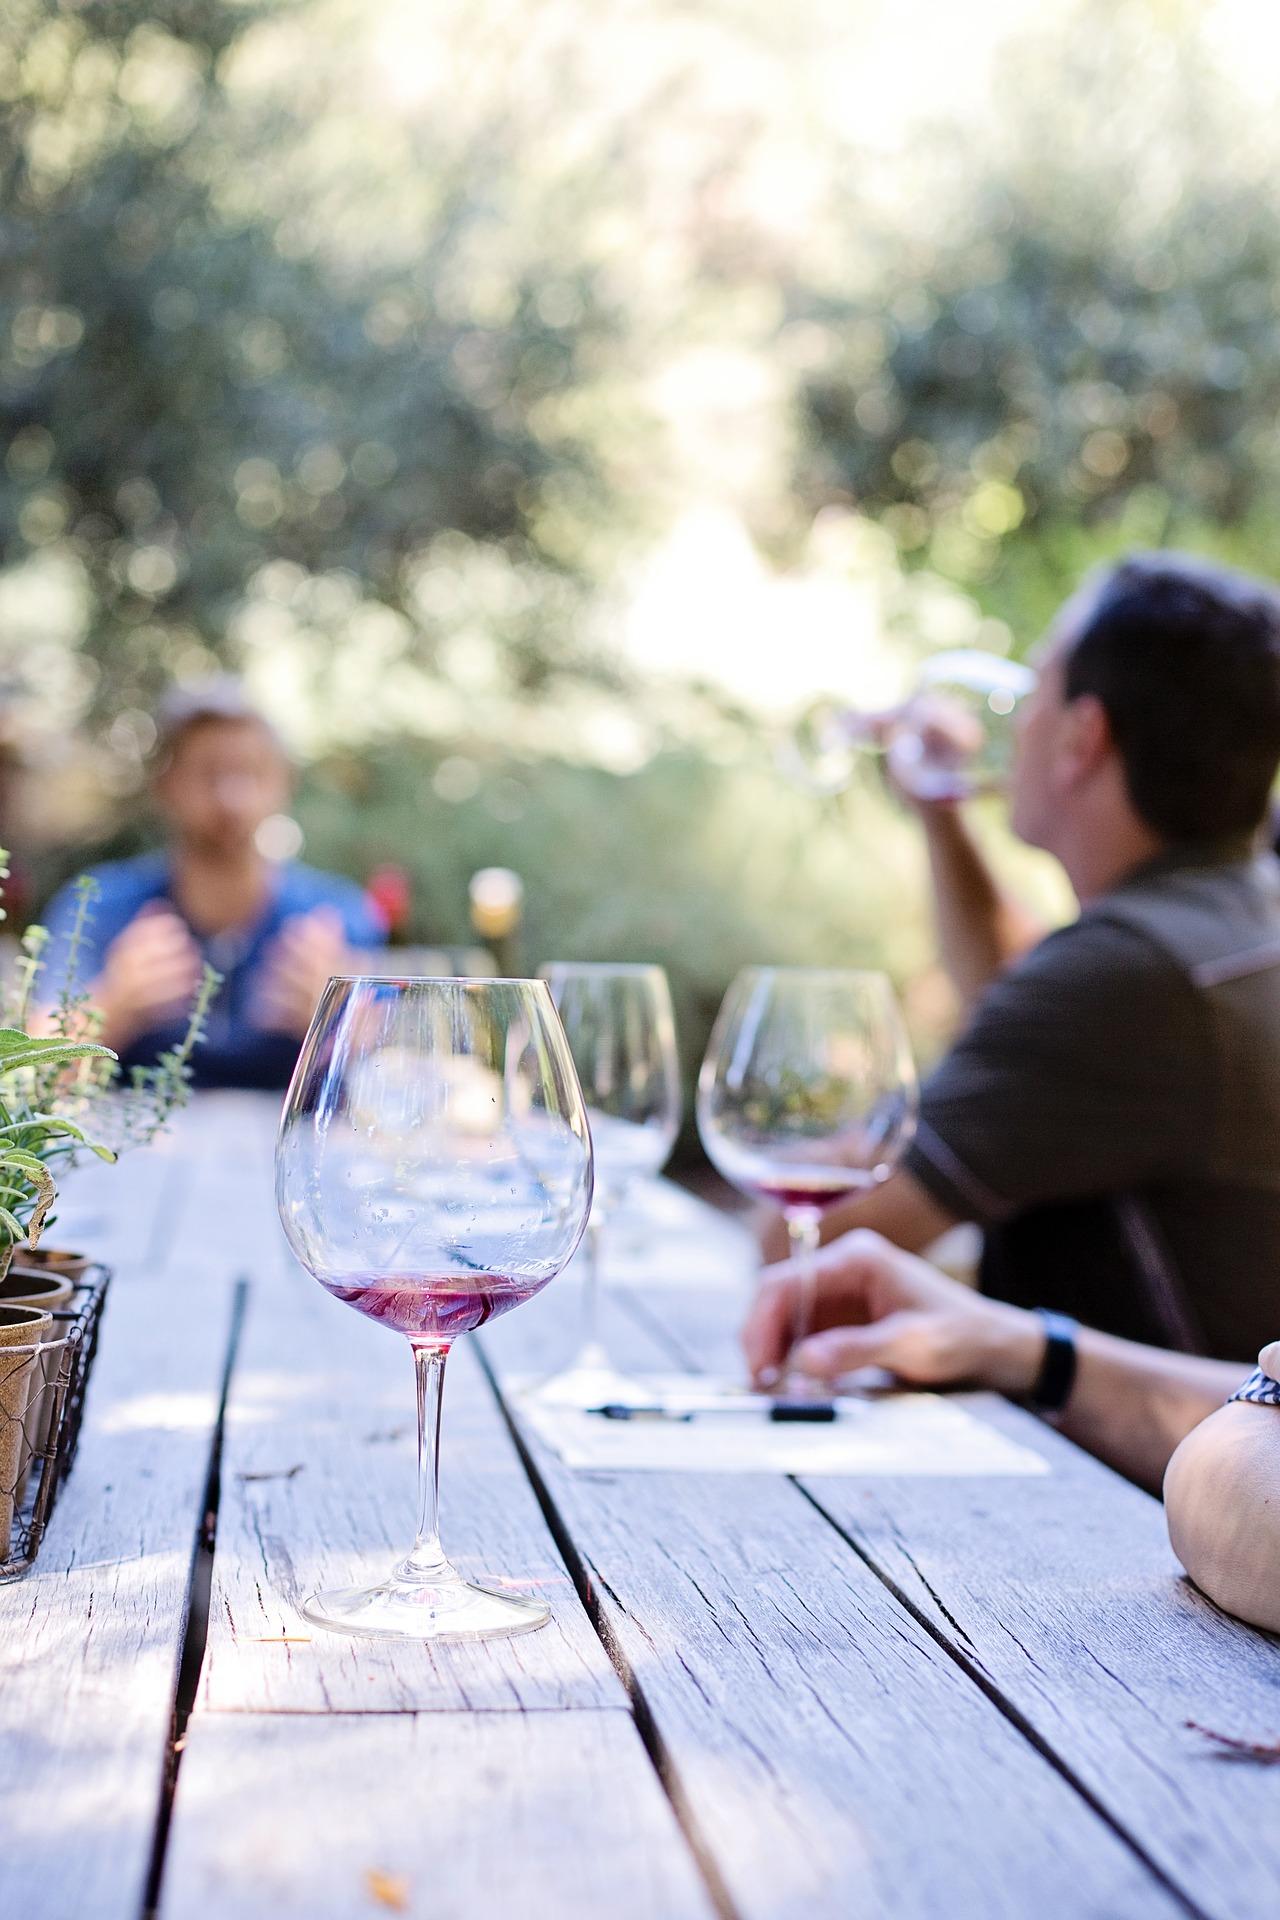 Comment apprendre à déguster un vin? 2